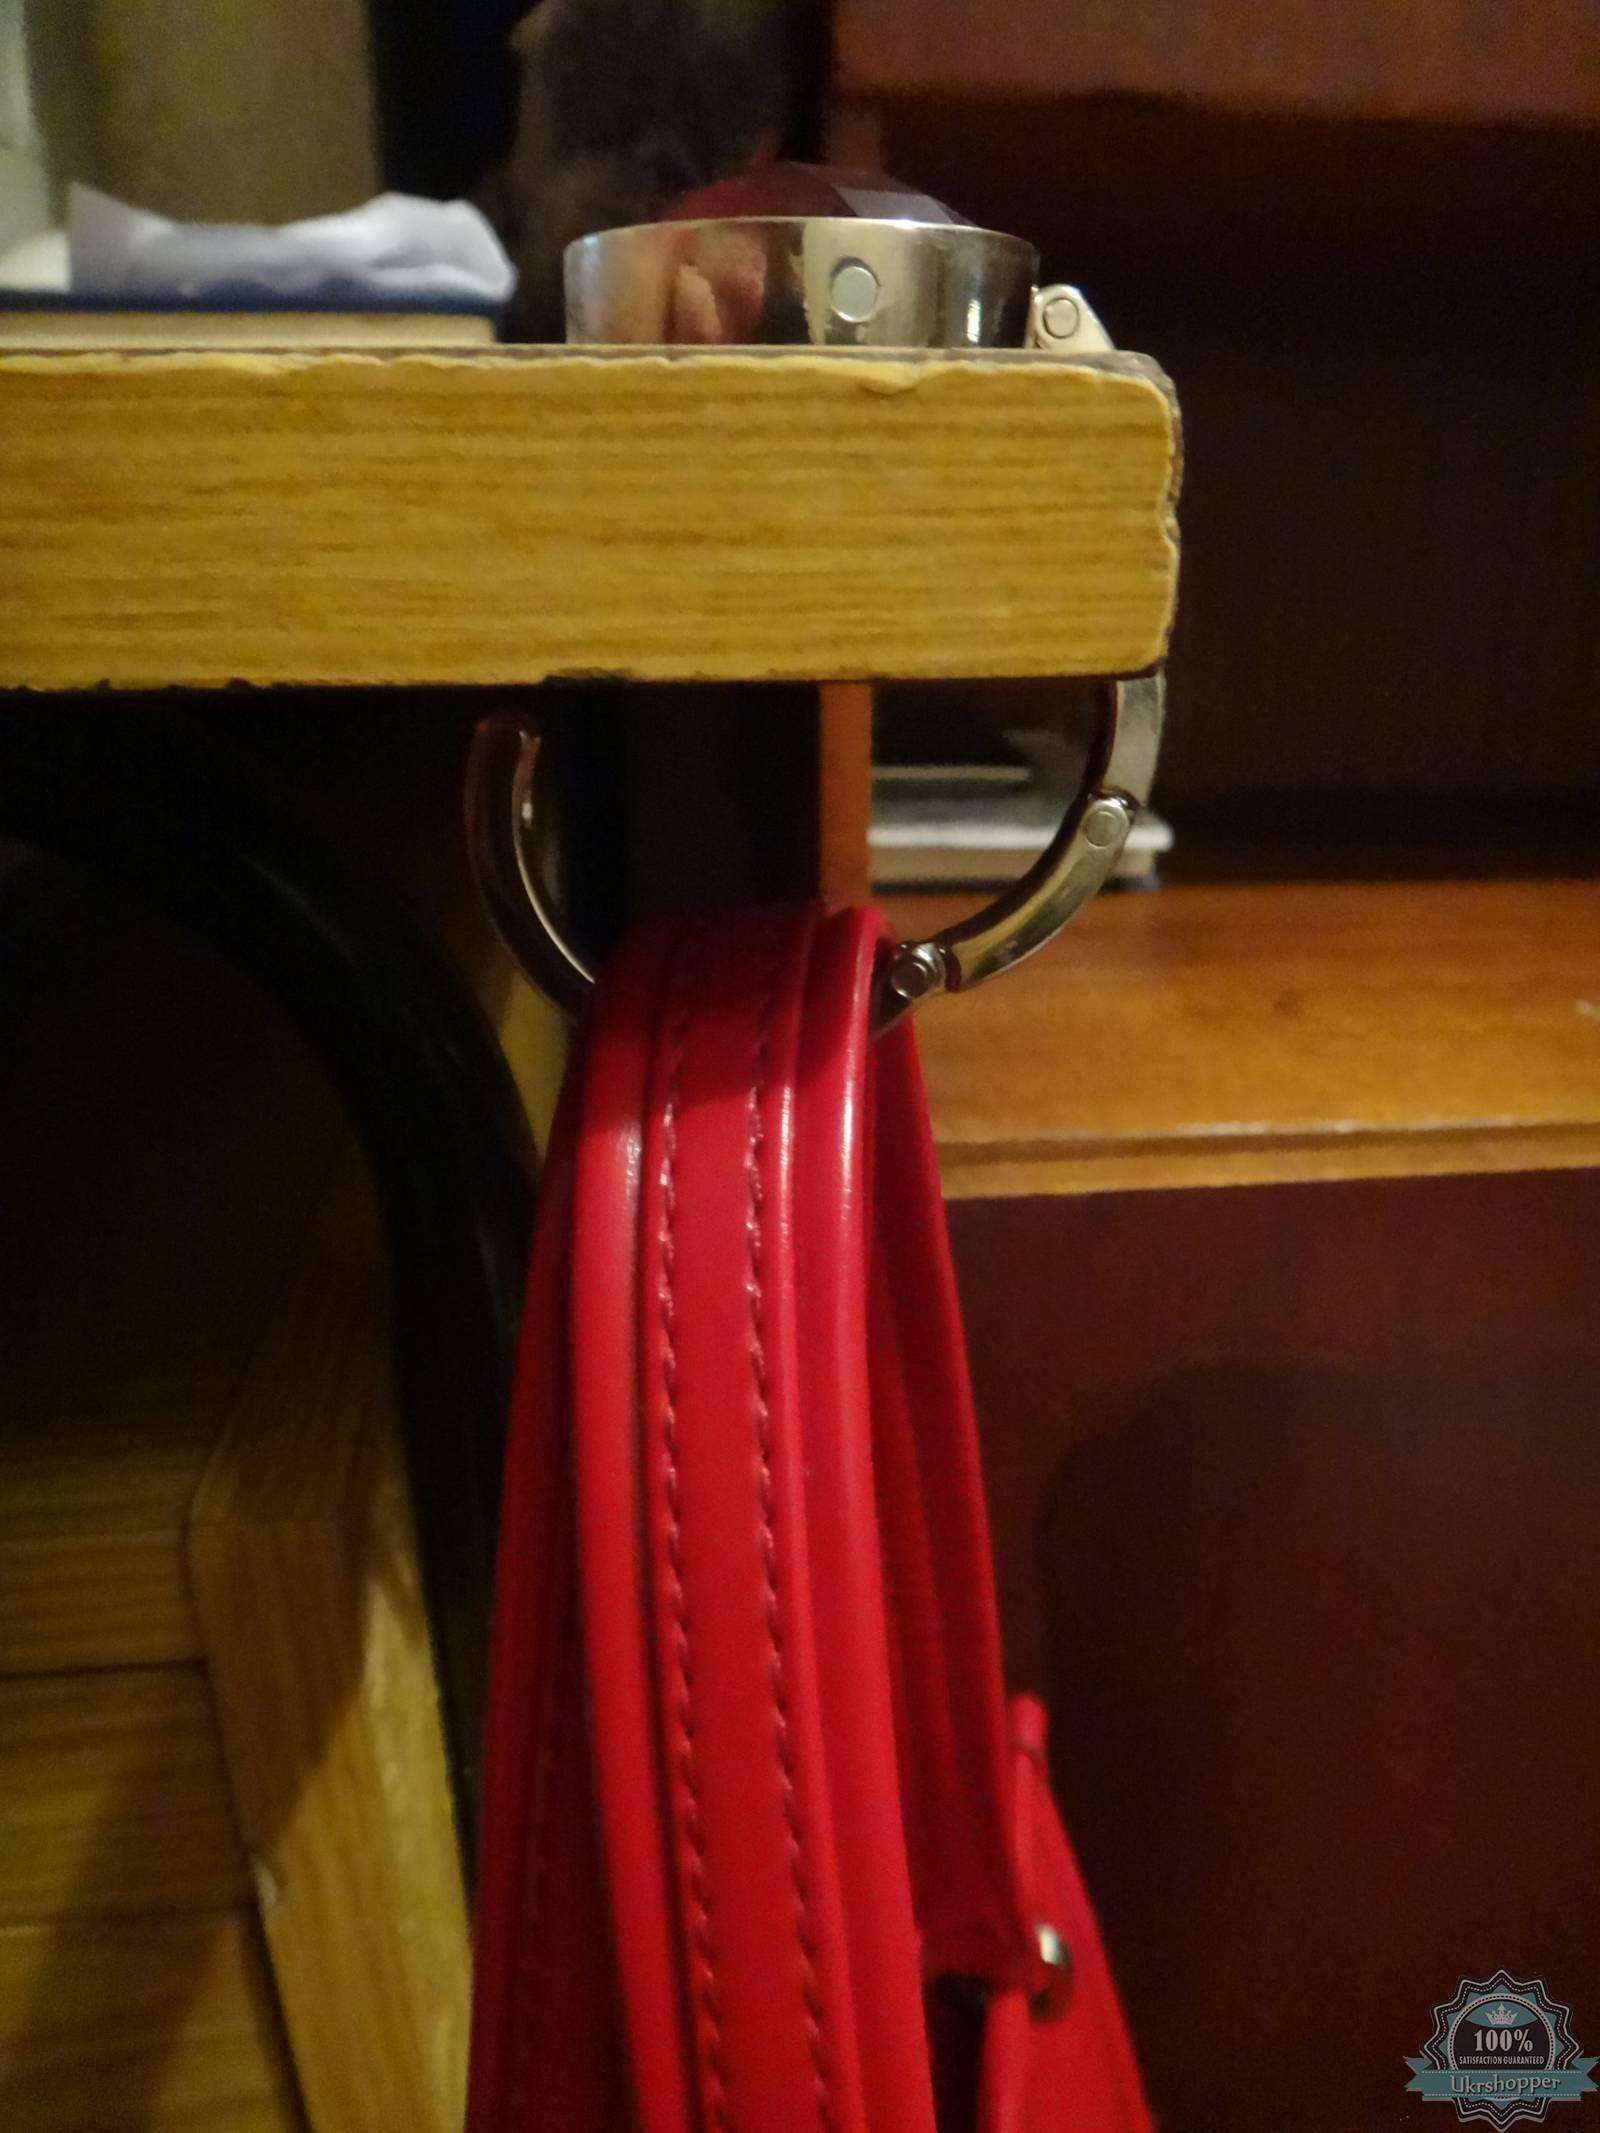 BuyinCoins: Обзор крючков для зонтов, пакетов и сумок